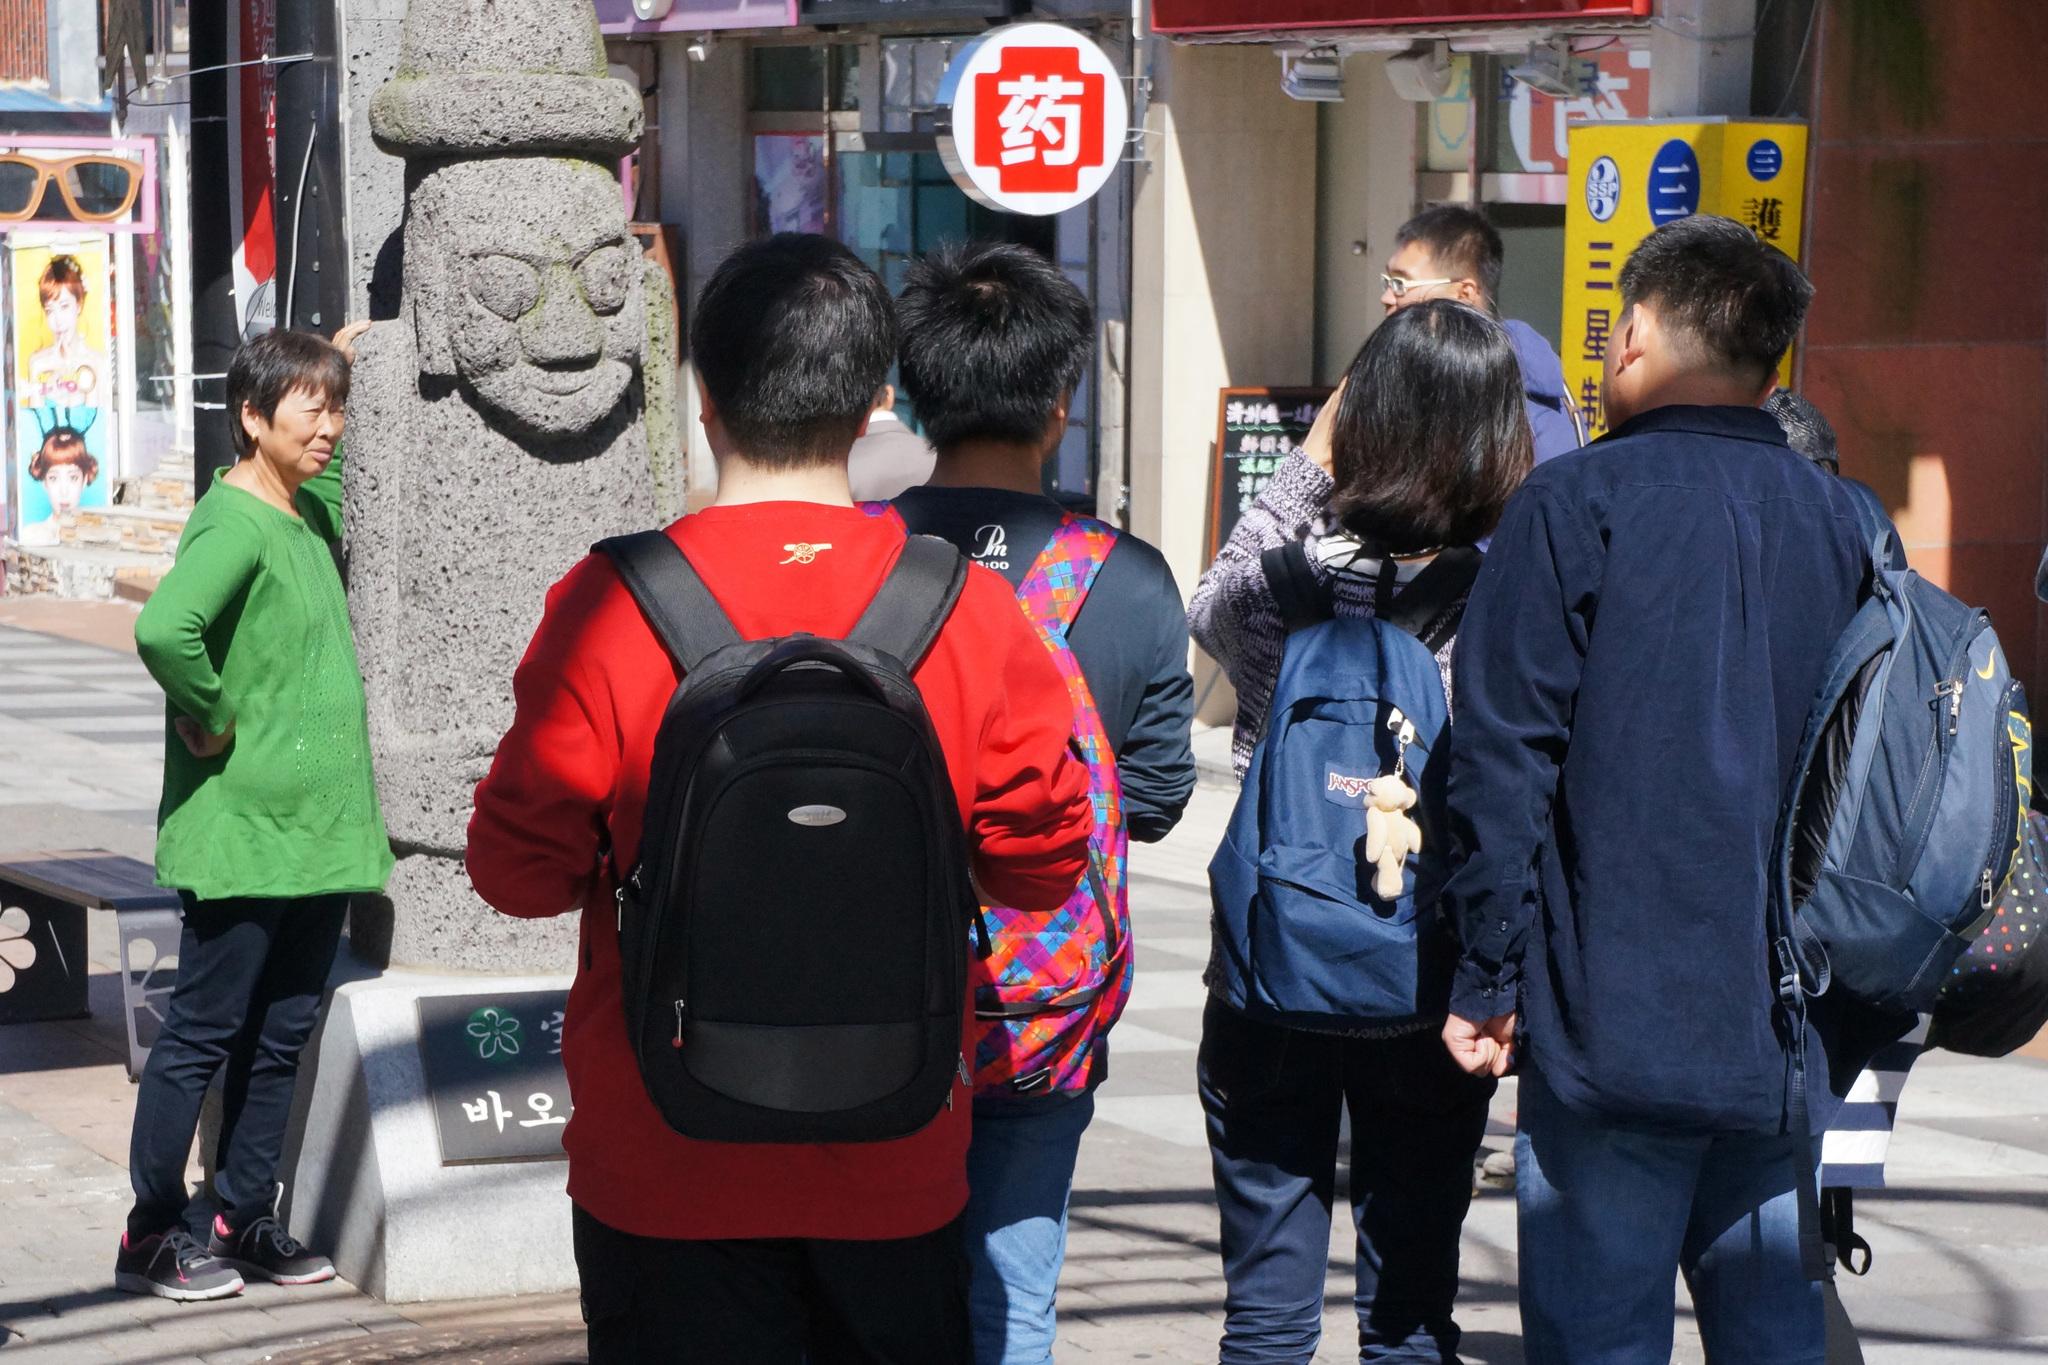 중국인 관광객이 많이 찾는 제주 연동 '바오젠 거리' [중앙포토]